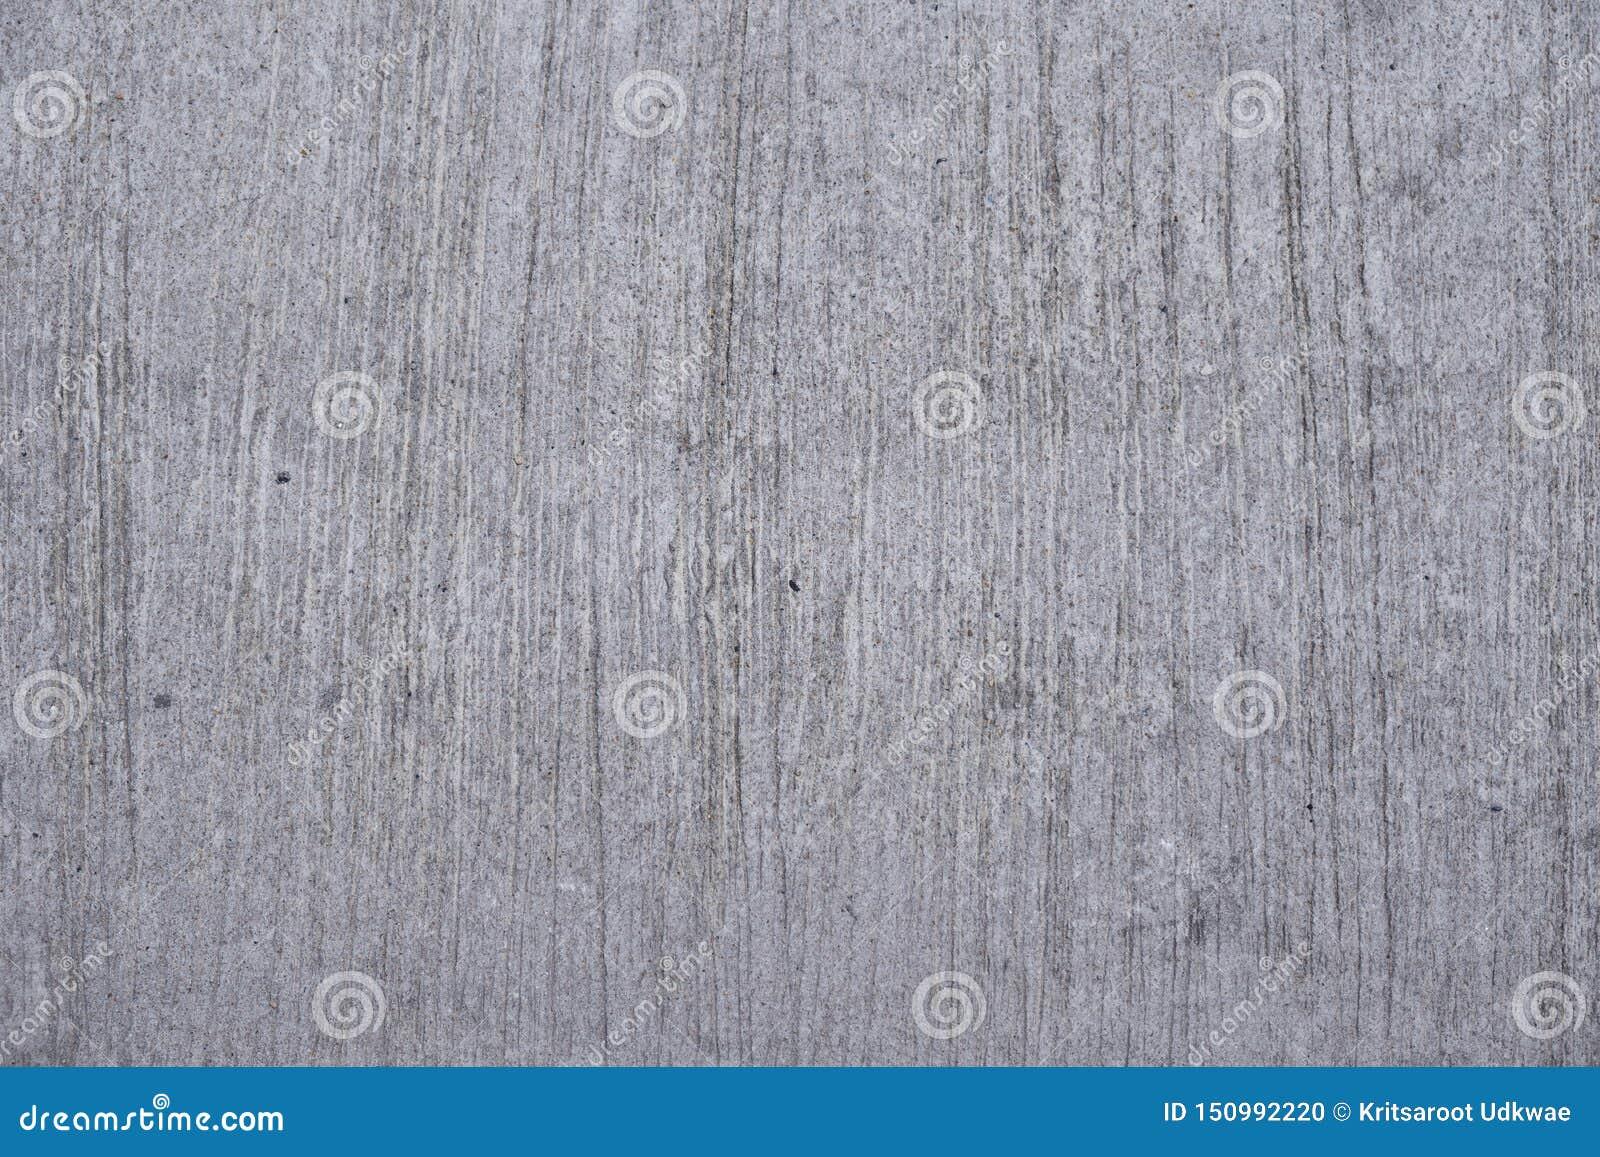 Gammal och smutsig bakgrund f?r cementv?ggtextur